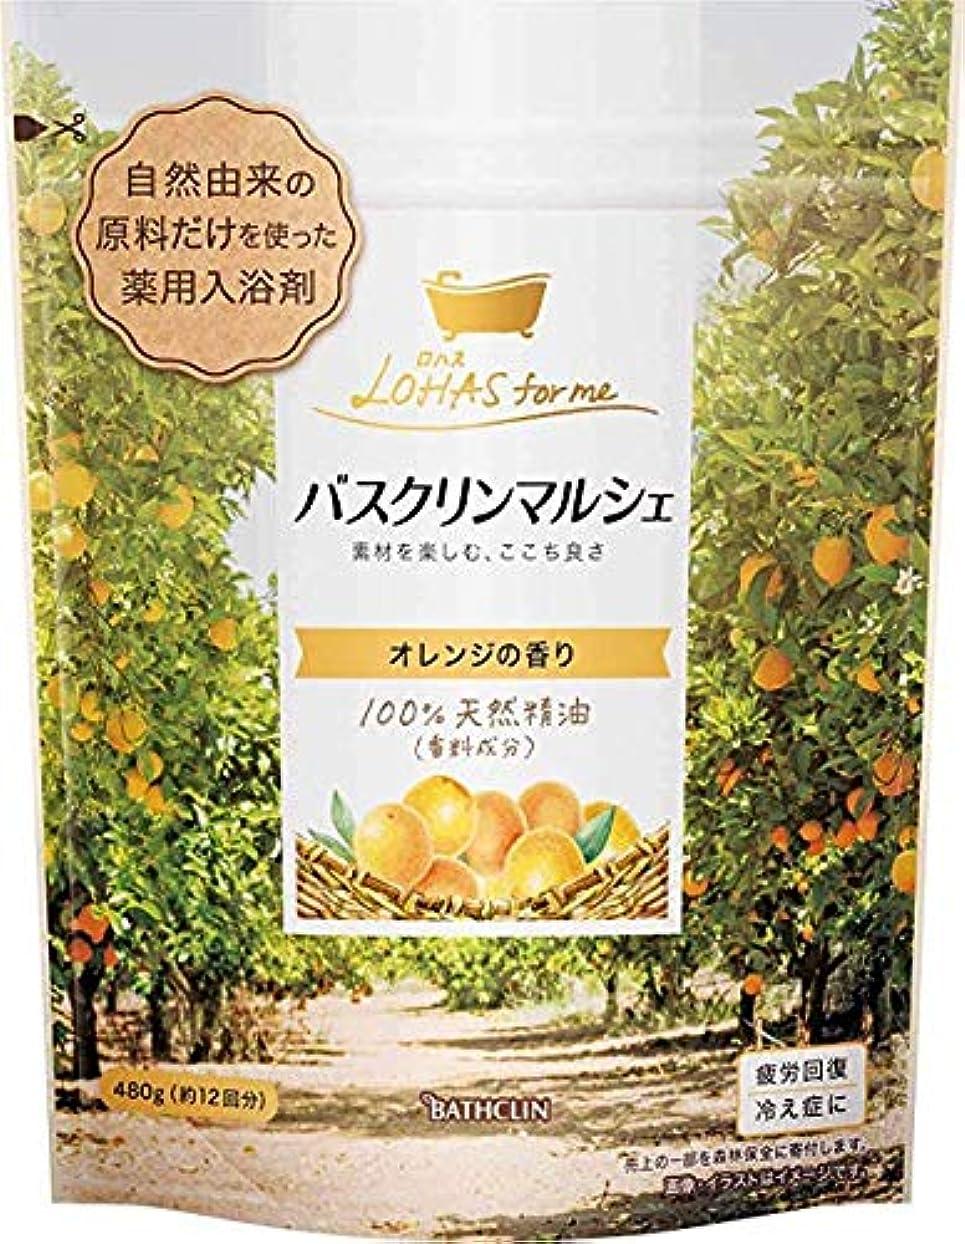 換気曲げる上下する【合成香料無添加/医薬部外品】バスクリンマルシェオレンジの香り480g入浴剤